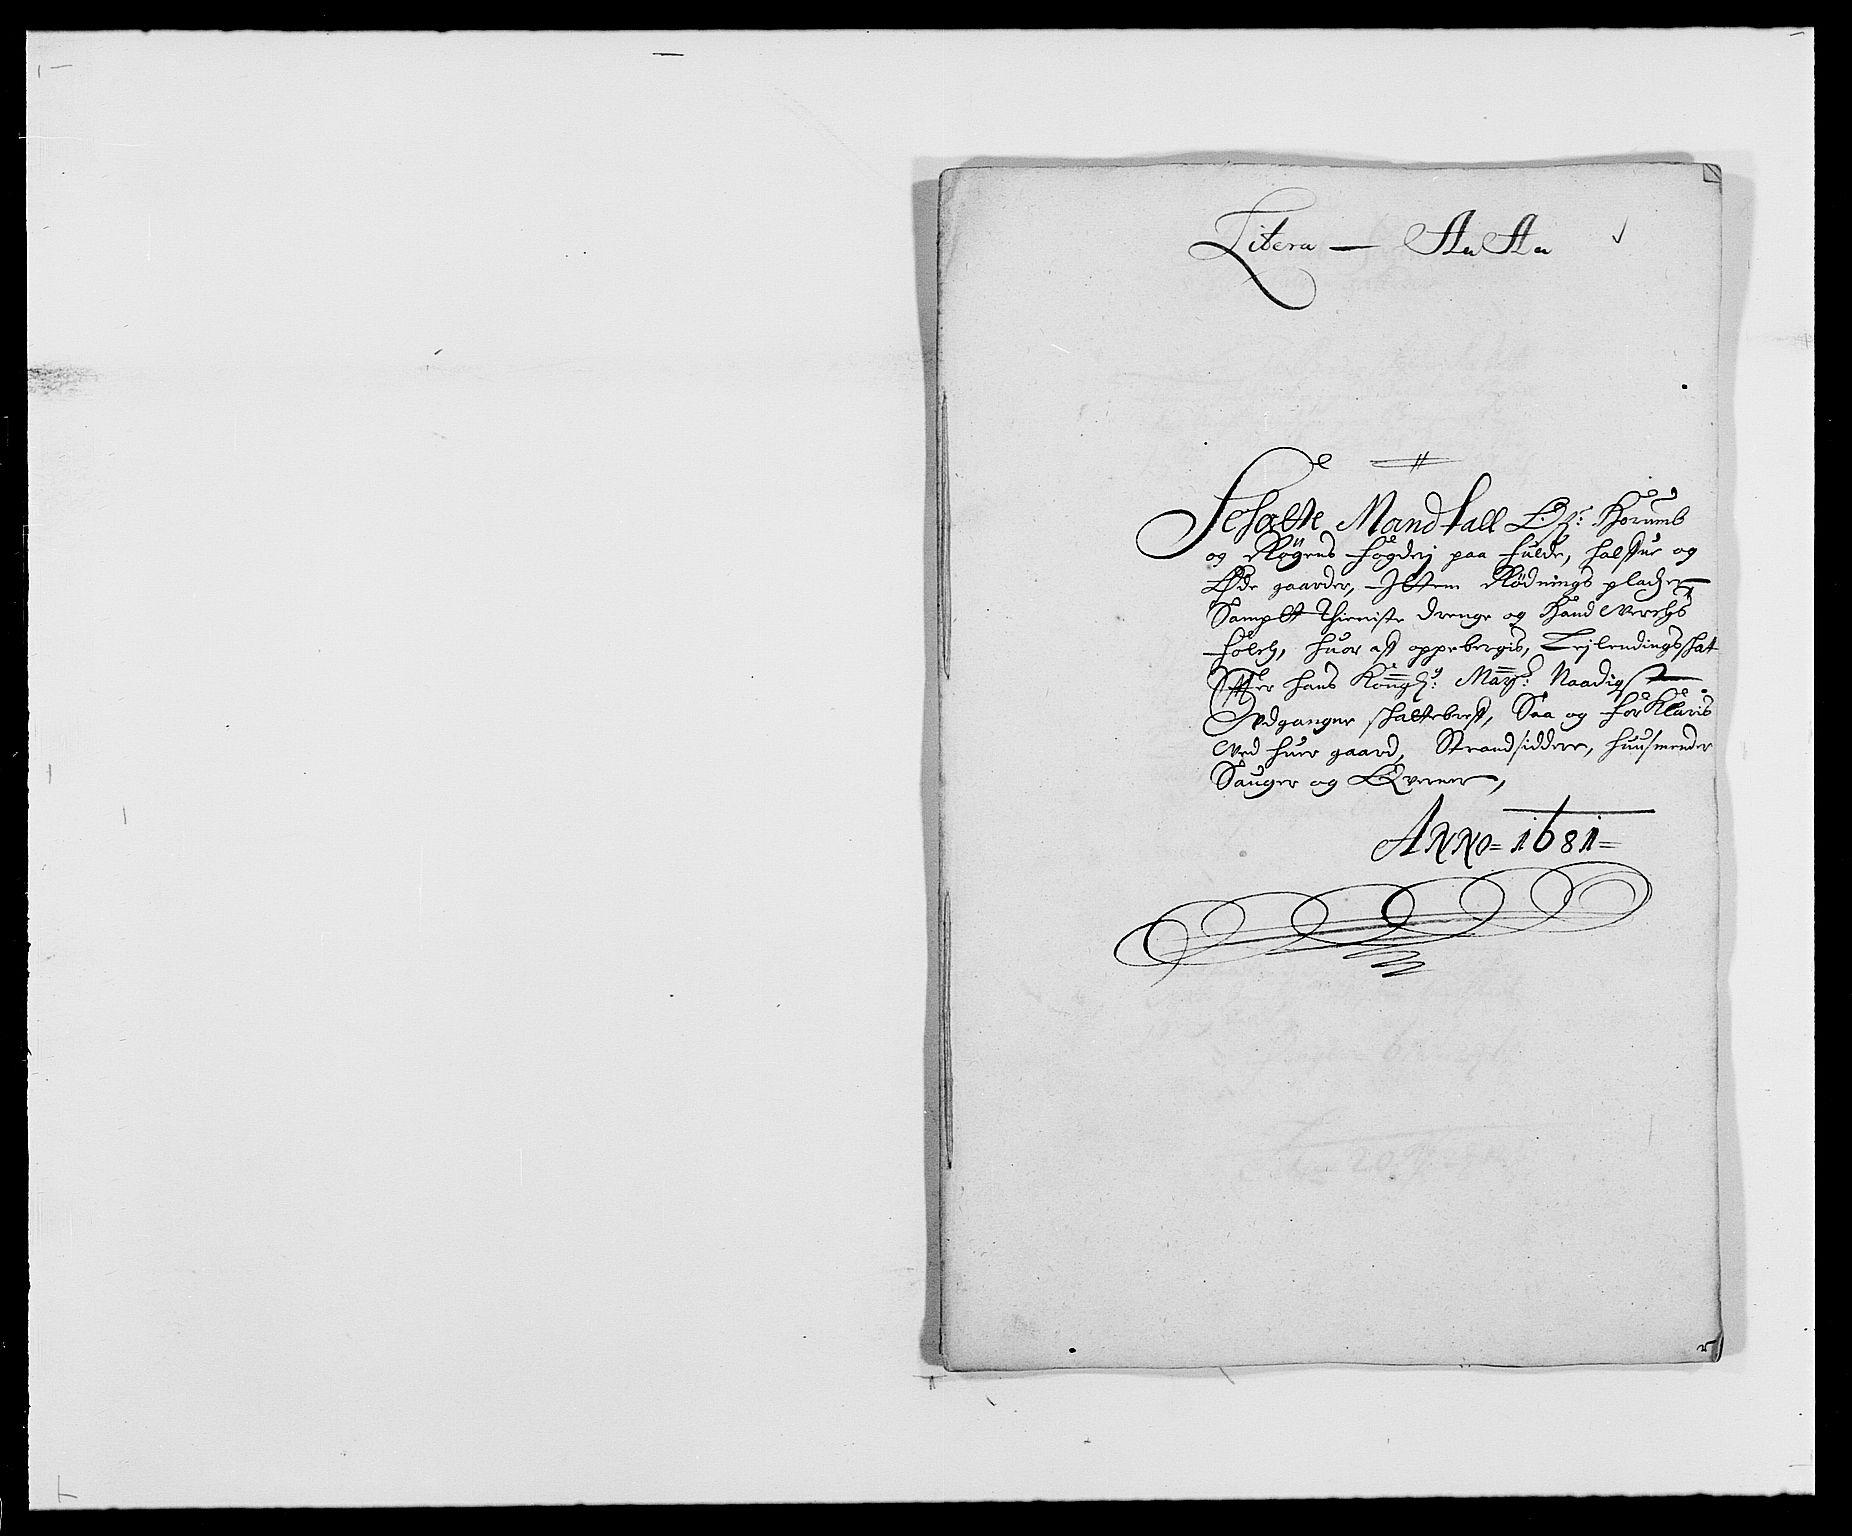 RA, Rentekammeret inntil 1814, Reviderte regnskaper, Fogderegnskap, R29/L1691: Fogderegnskap Hurum og Røyken, 1678-1681, s. 355